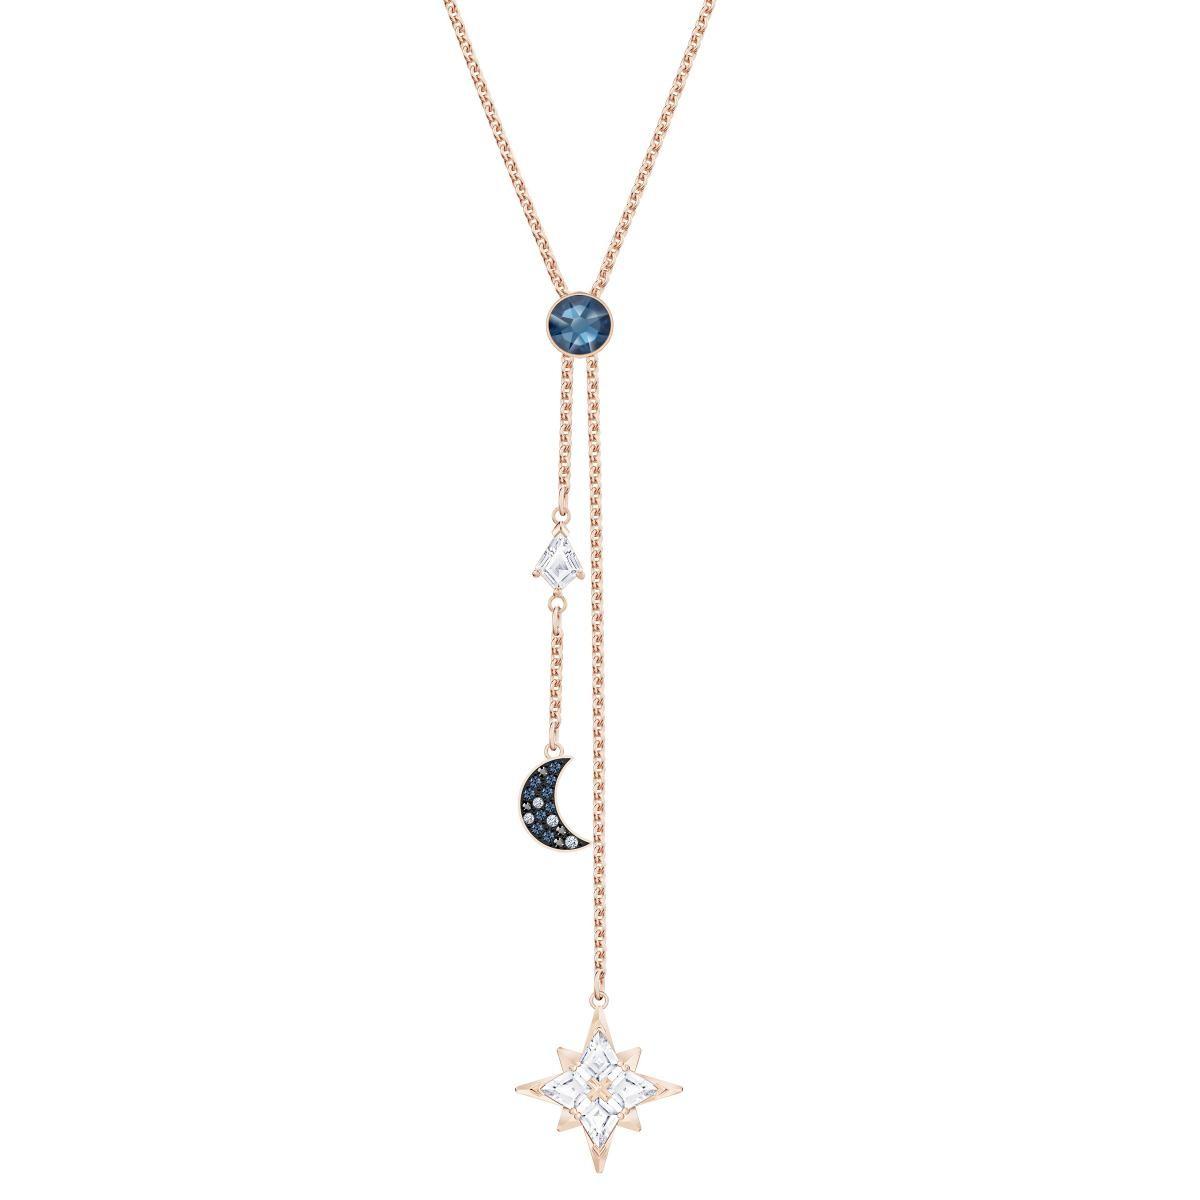 Collier et pendentif Swarovski 5494357 - Métal Doré Rose Thème Nuit  Cristaux Étincelants Femme